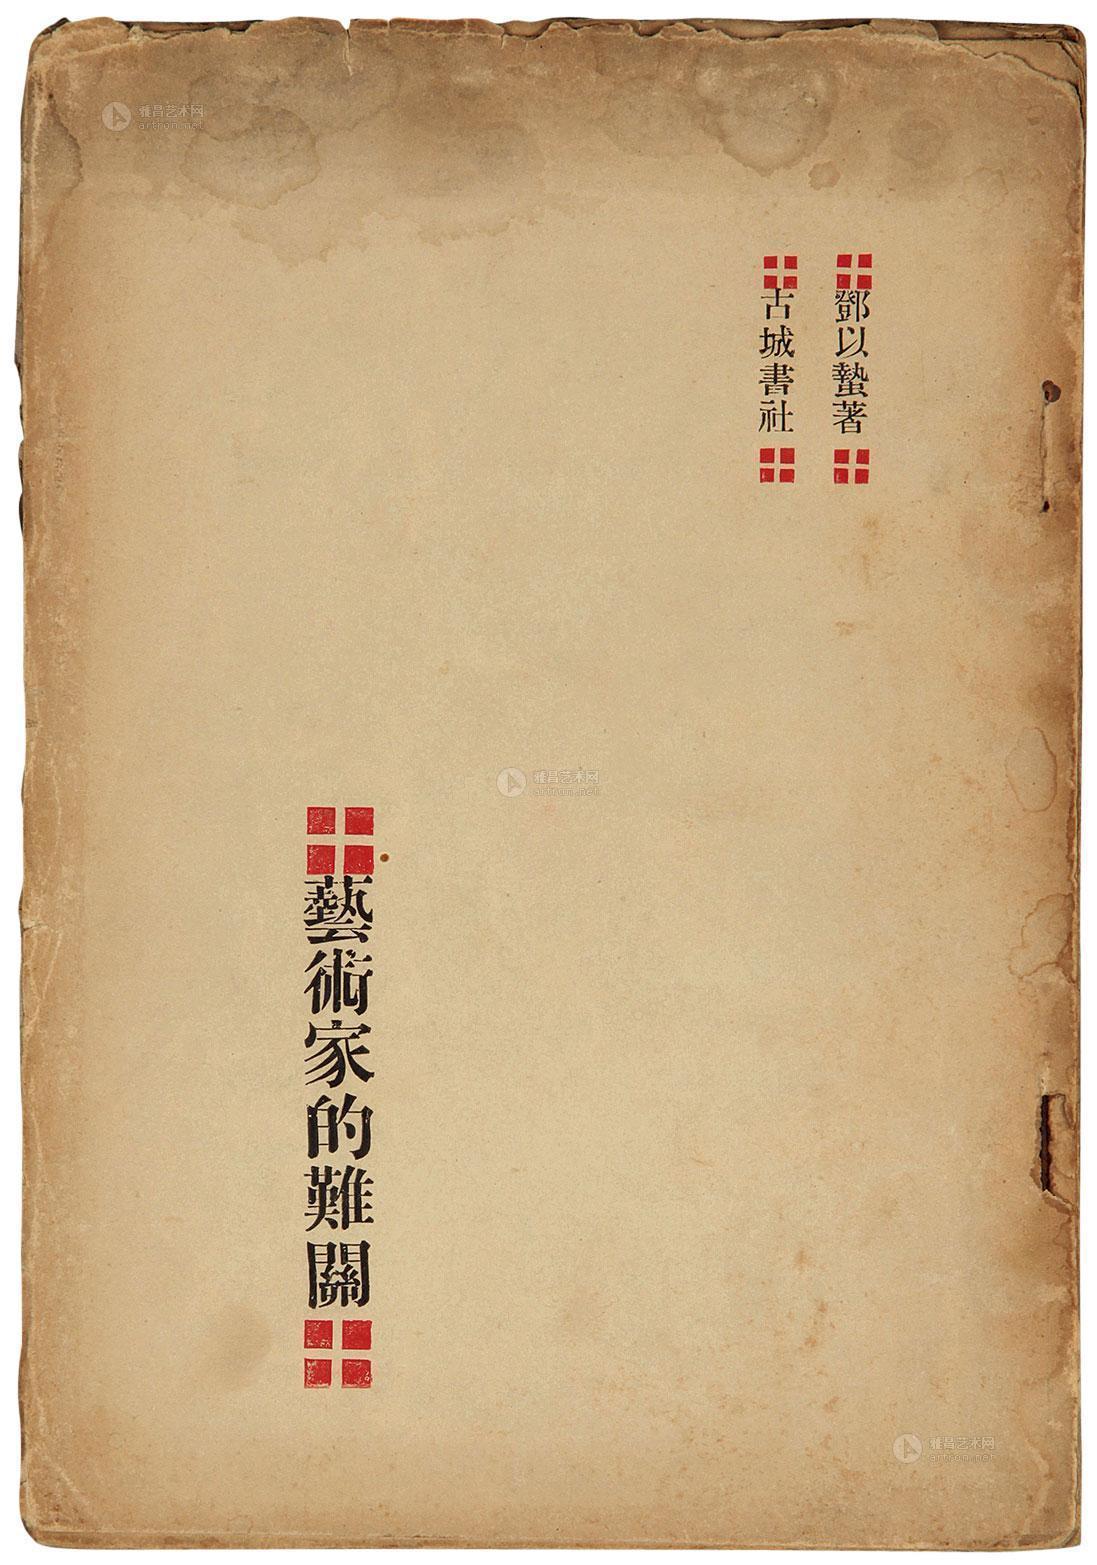 1928年初版邓以蛰毛边本《艺术家的难关》北京雍和嘉诚拍卖有限公司